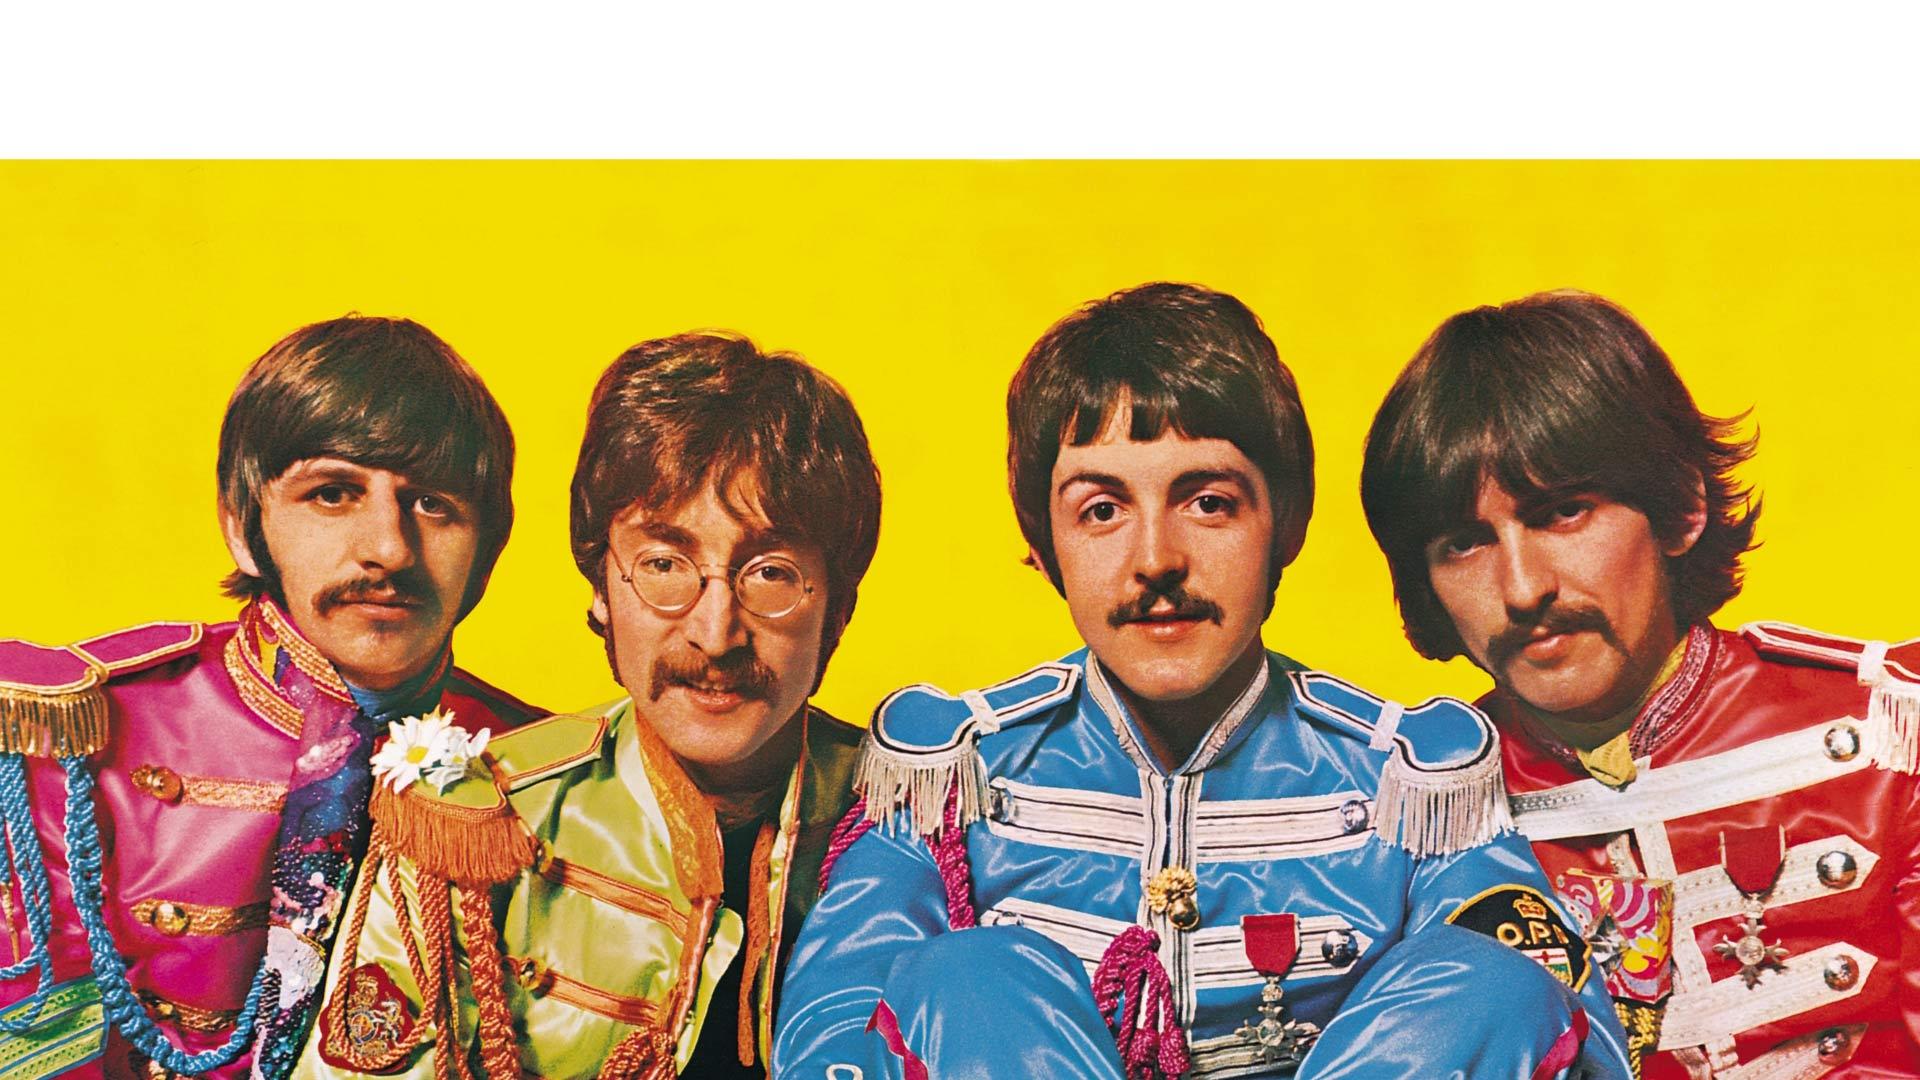 Más de 300 objetos del antiguo museo Beatlemania de Hamburgo serán vendidos el 19 de septiembre en Nueva York